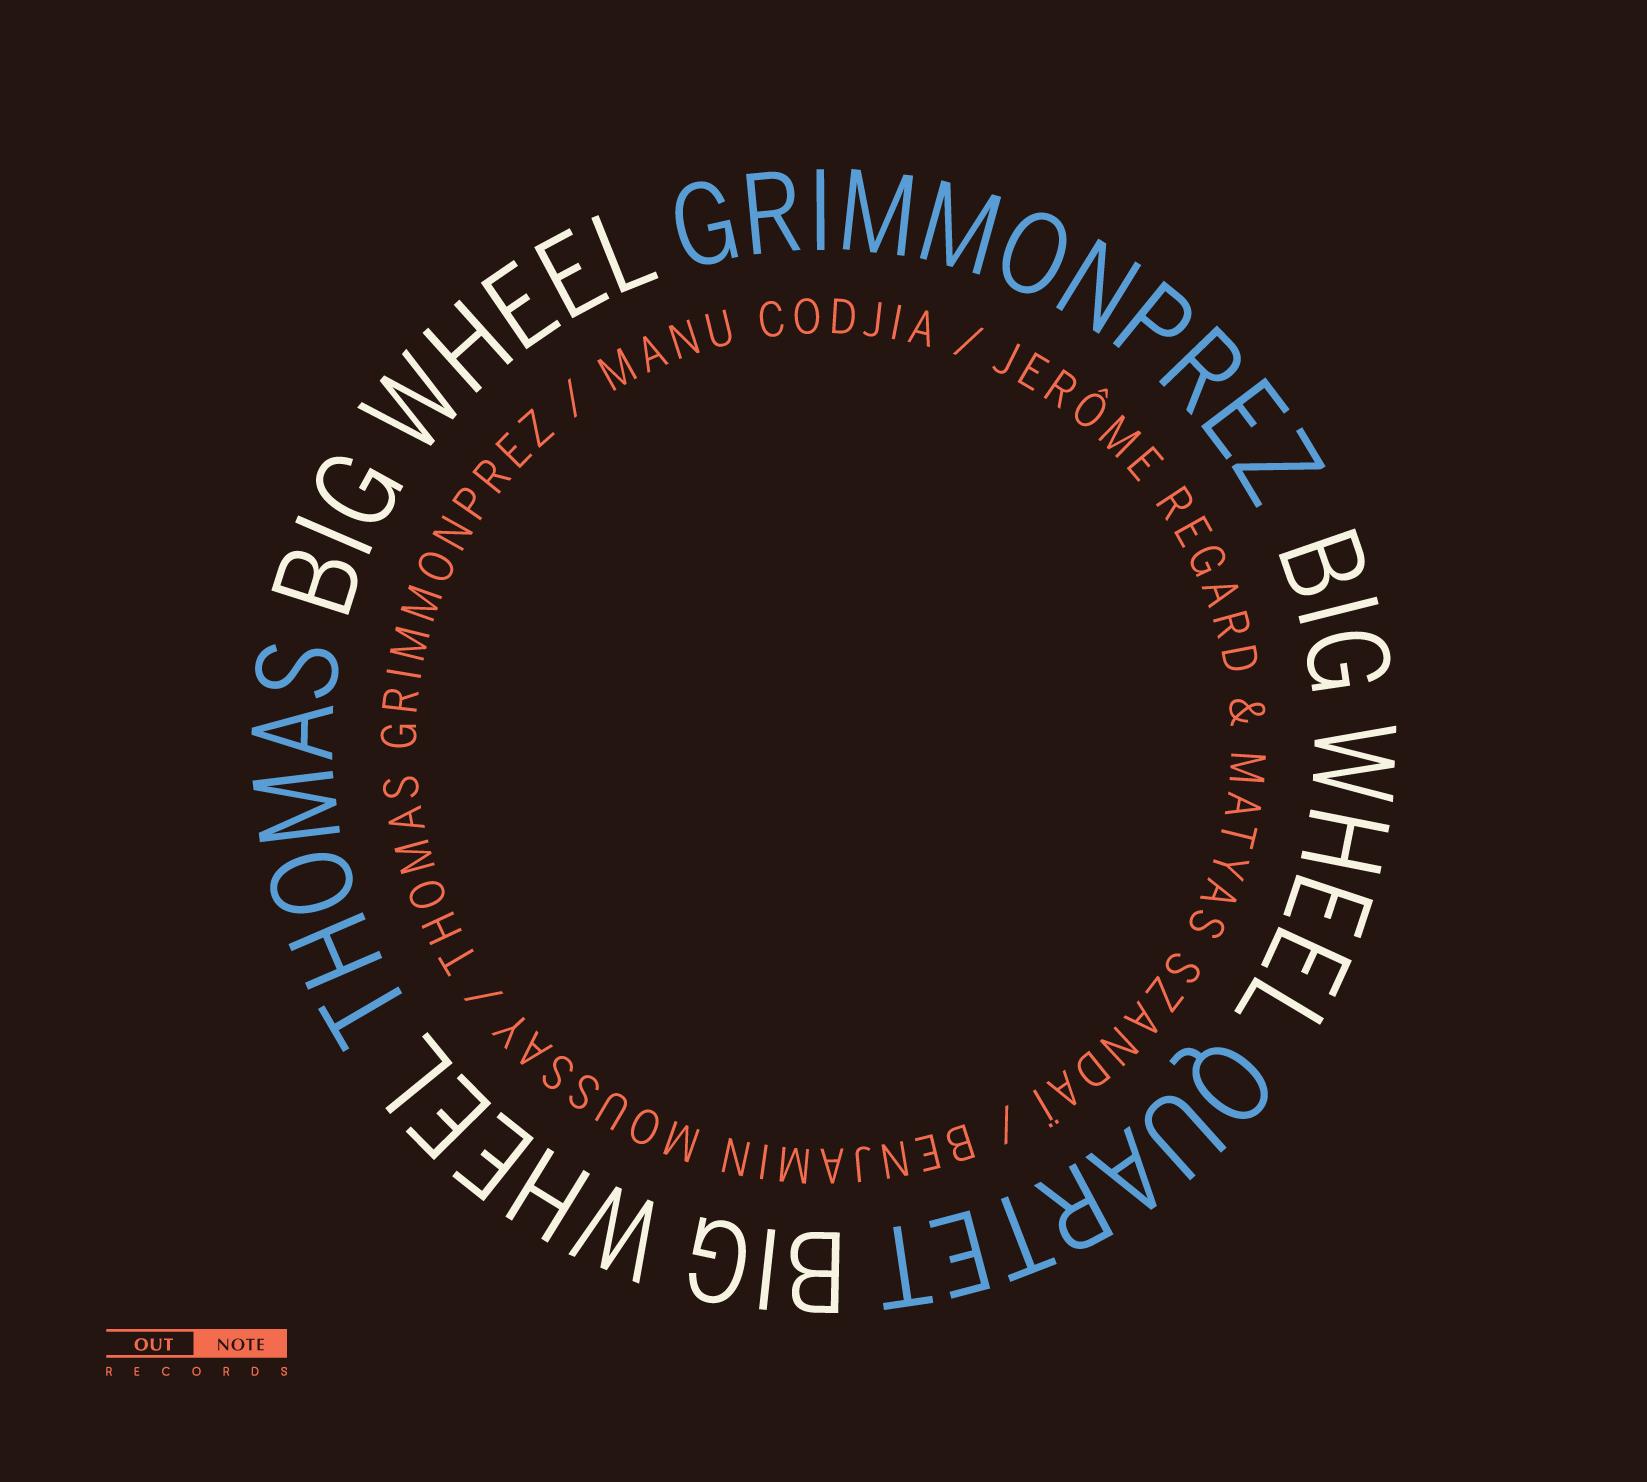 Thomas Grimmonprez - BigWheel_